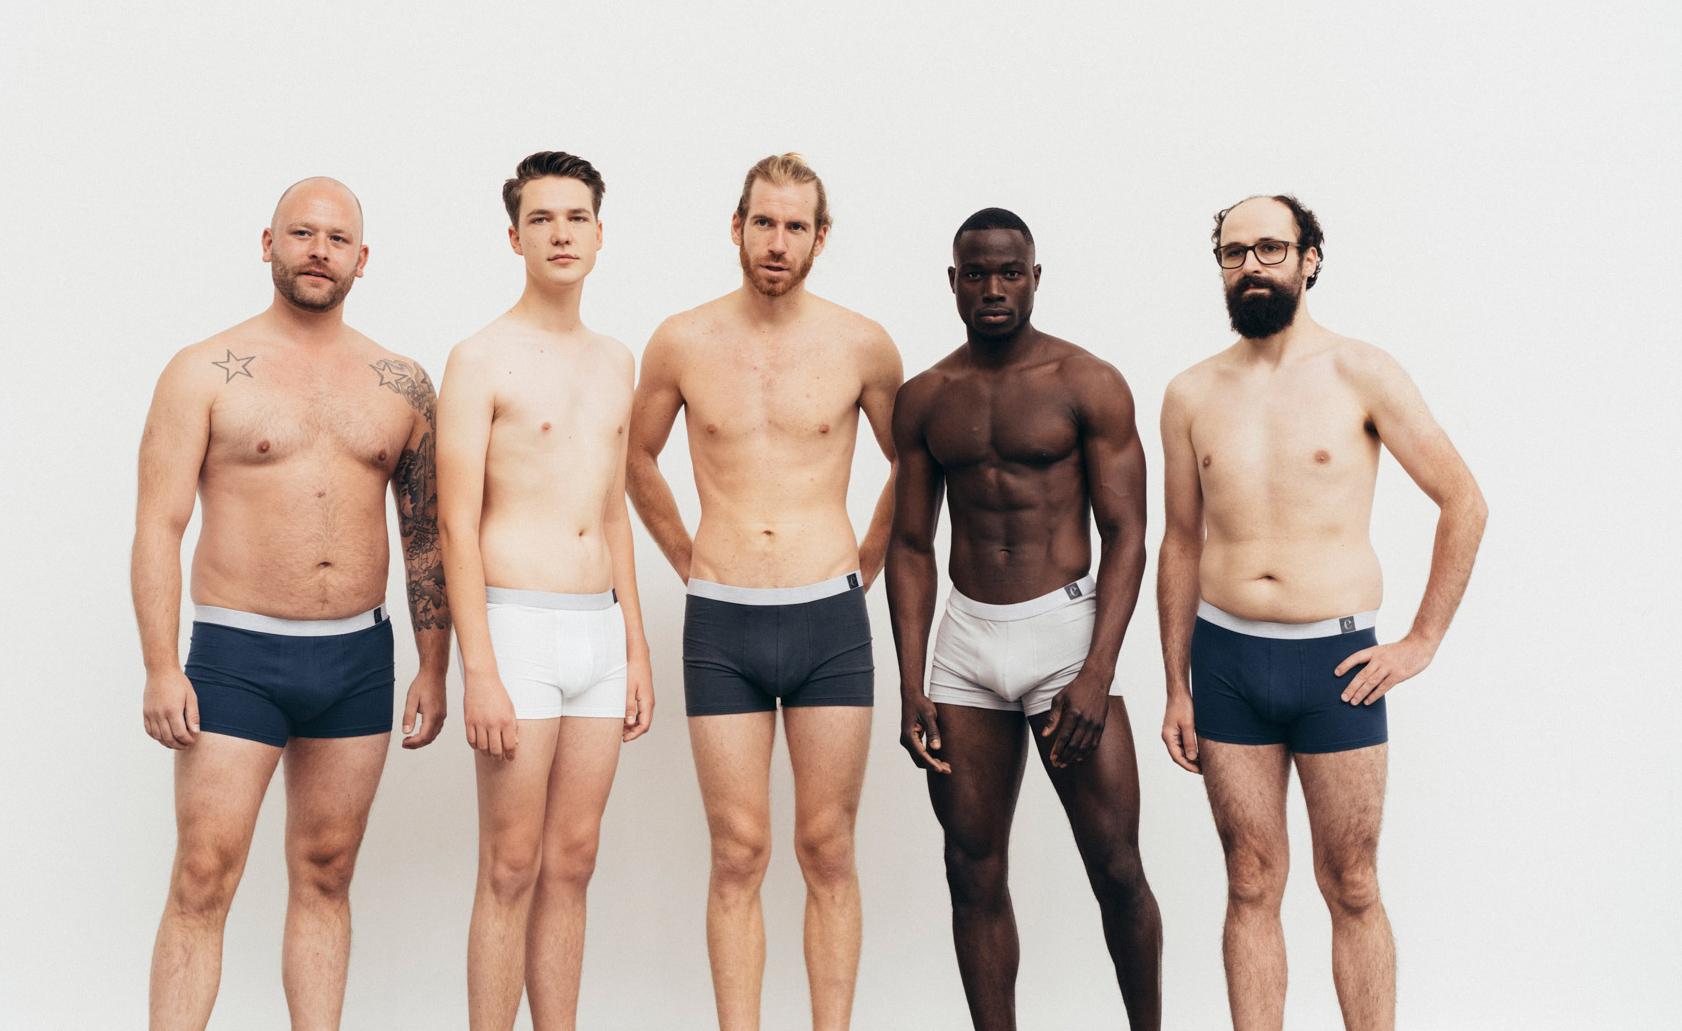 erlich textil also produces sustainable underwear for men